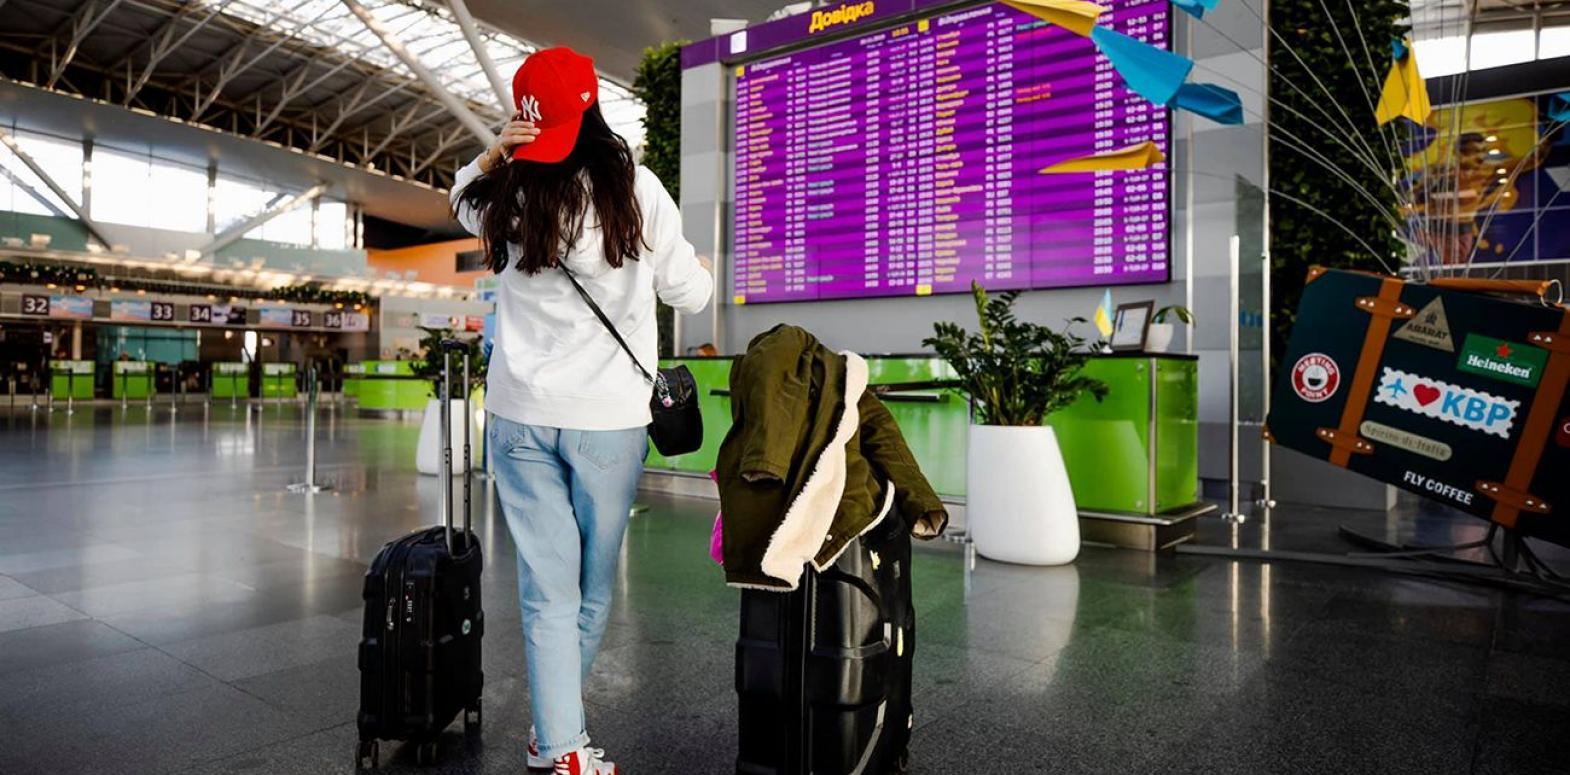 Восстановление туризма после пандемии: НБУ дал прогноз на ближайшие два года